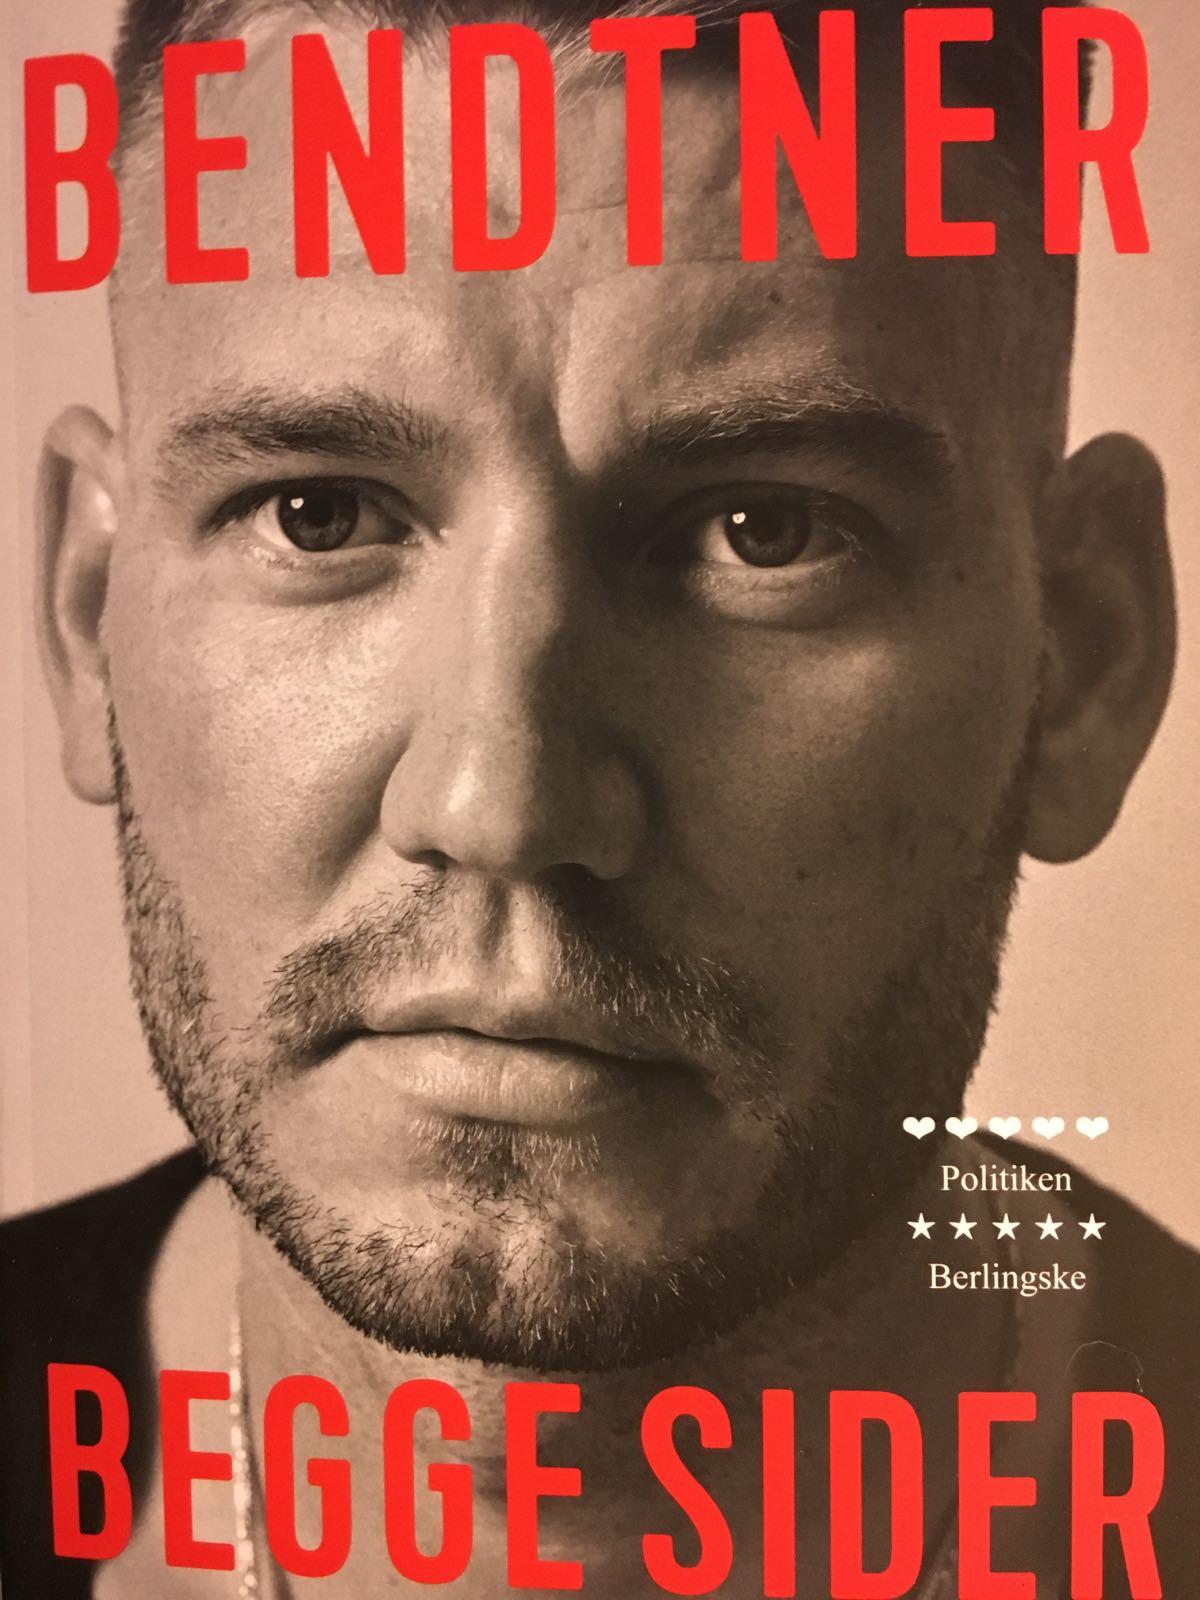 Nicklas Bendtner - Begge sider - 9788740054910